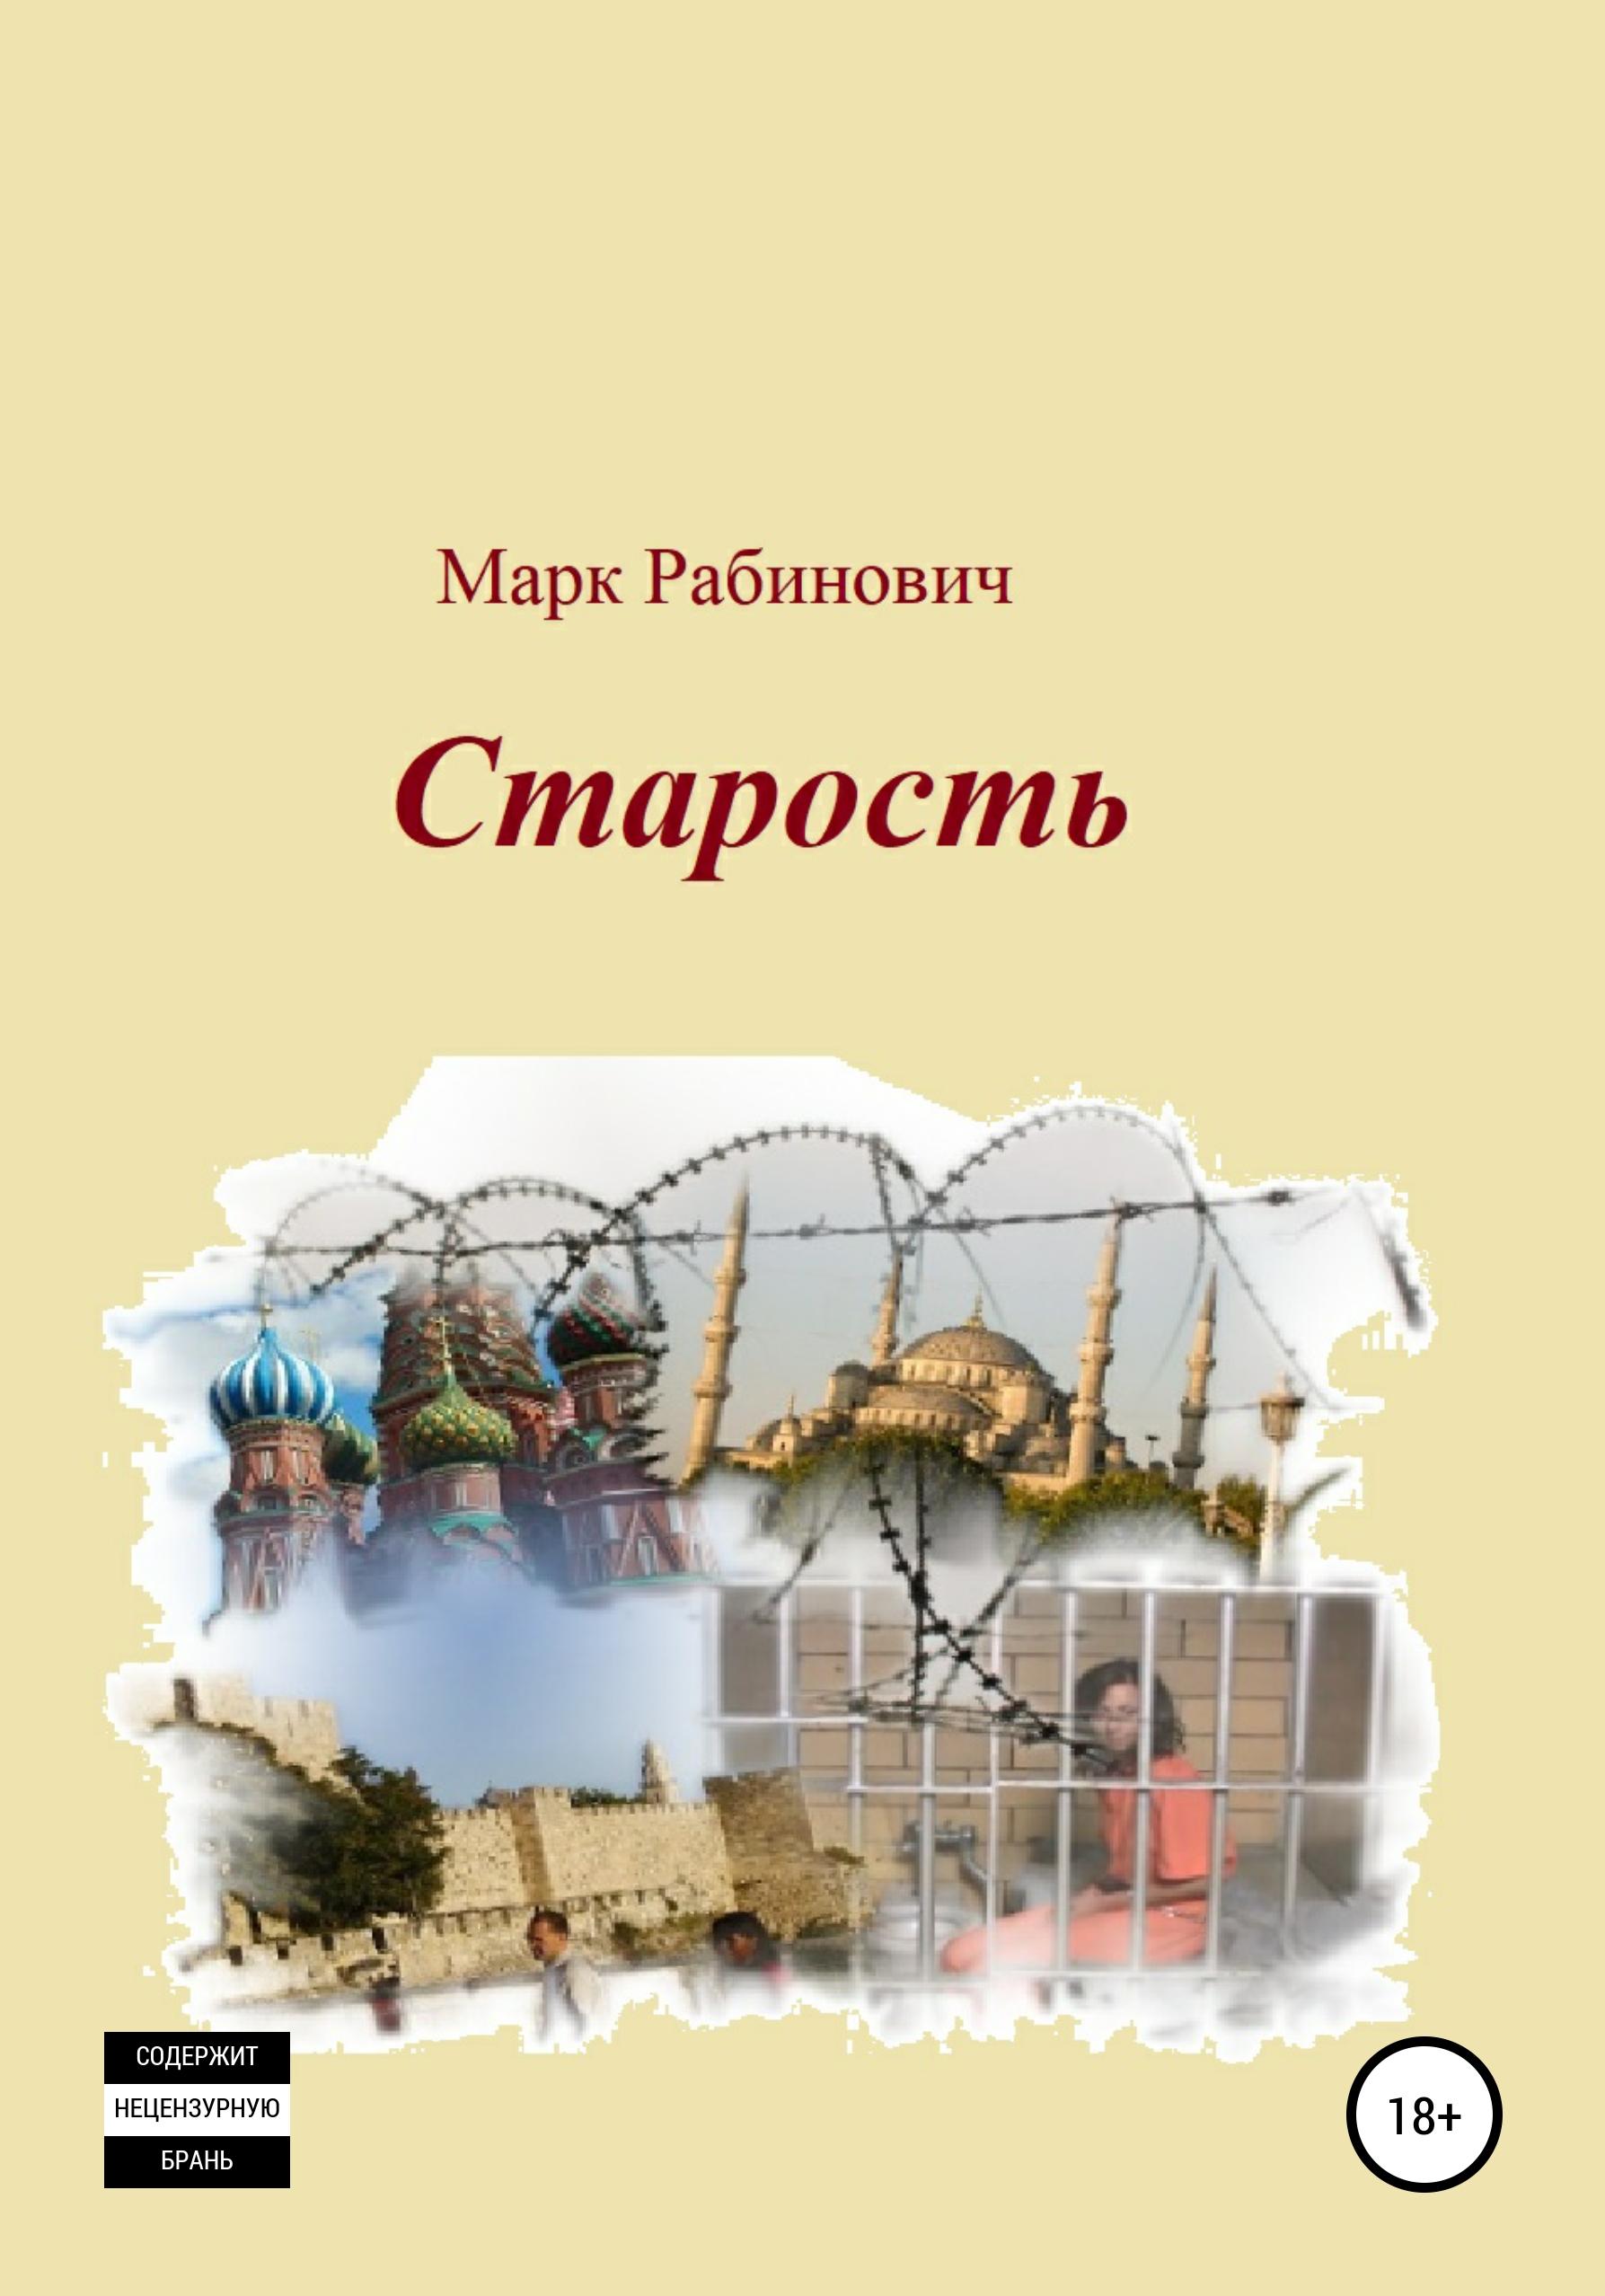 Купить книгу Старость, автора Марка Рабиновича